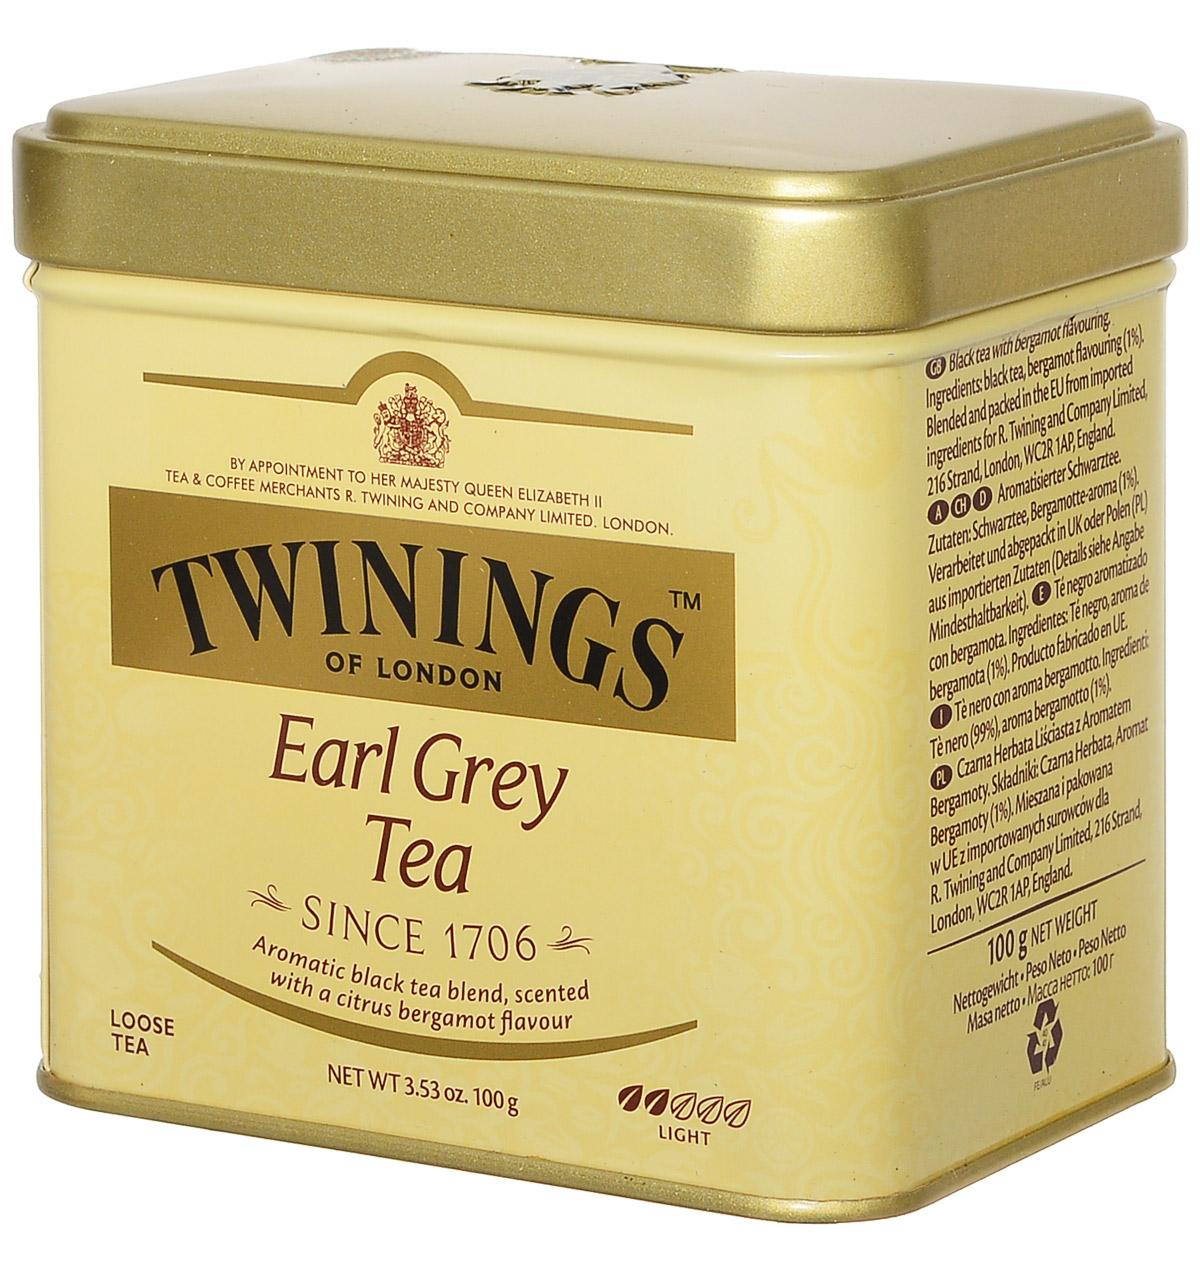 Twinings Earl Grey Tea черный ароматизированный листовой чай, 100 г (ж/б)070177029623Названный в честь британского премьер-министра второго Графа Грея, Twinings Earl Grey Tea является неотъемлемой частью традиционного английского чаепития. Насыщенный черный чай, ароматизированный натуральным маслом из кожуры бергамота, дает яркий настой со сладким ароматом и цитрусовым привкусом.